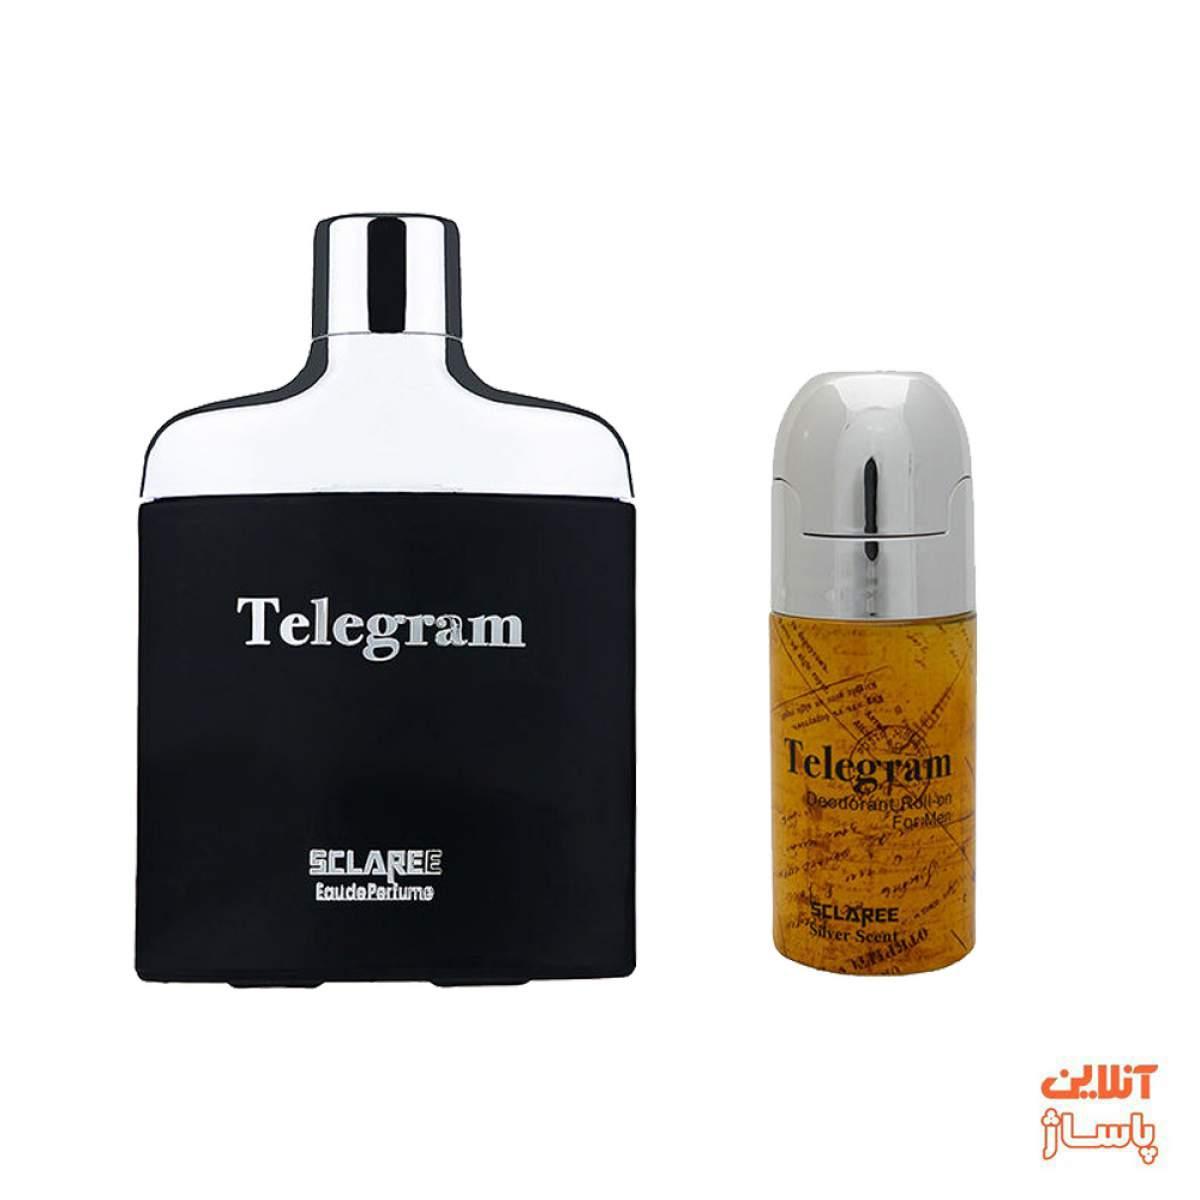 ست ادوپرفیوم مردانه اسکلاره مدل Telegram حجم 82 میلی لیتر به همراه رول ضد تعریق Telegram